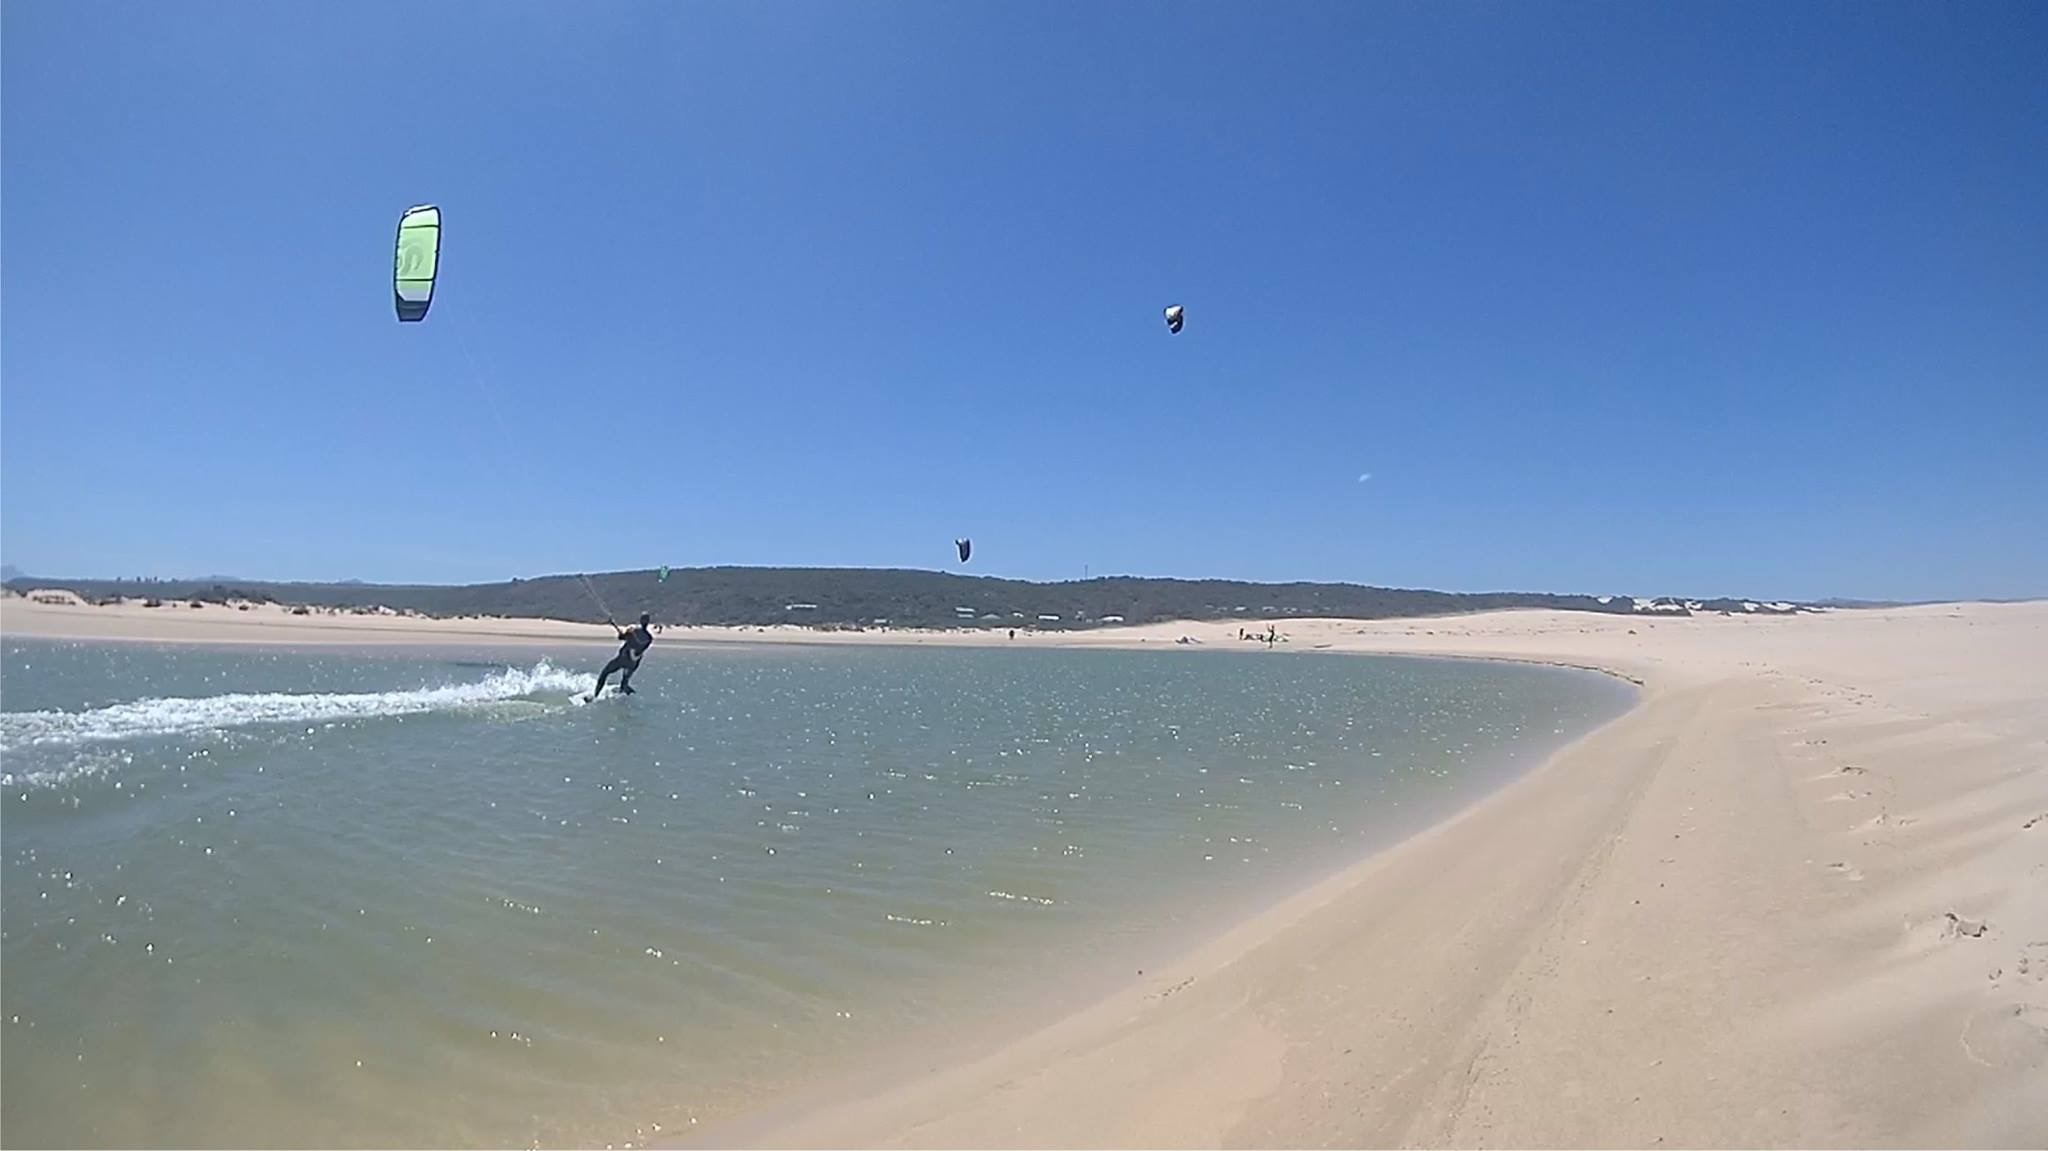 Swing Kiteboarding - Gamtoos 2